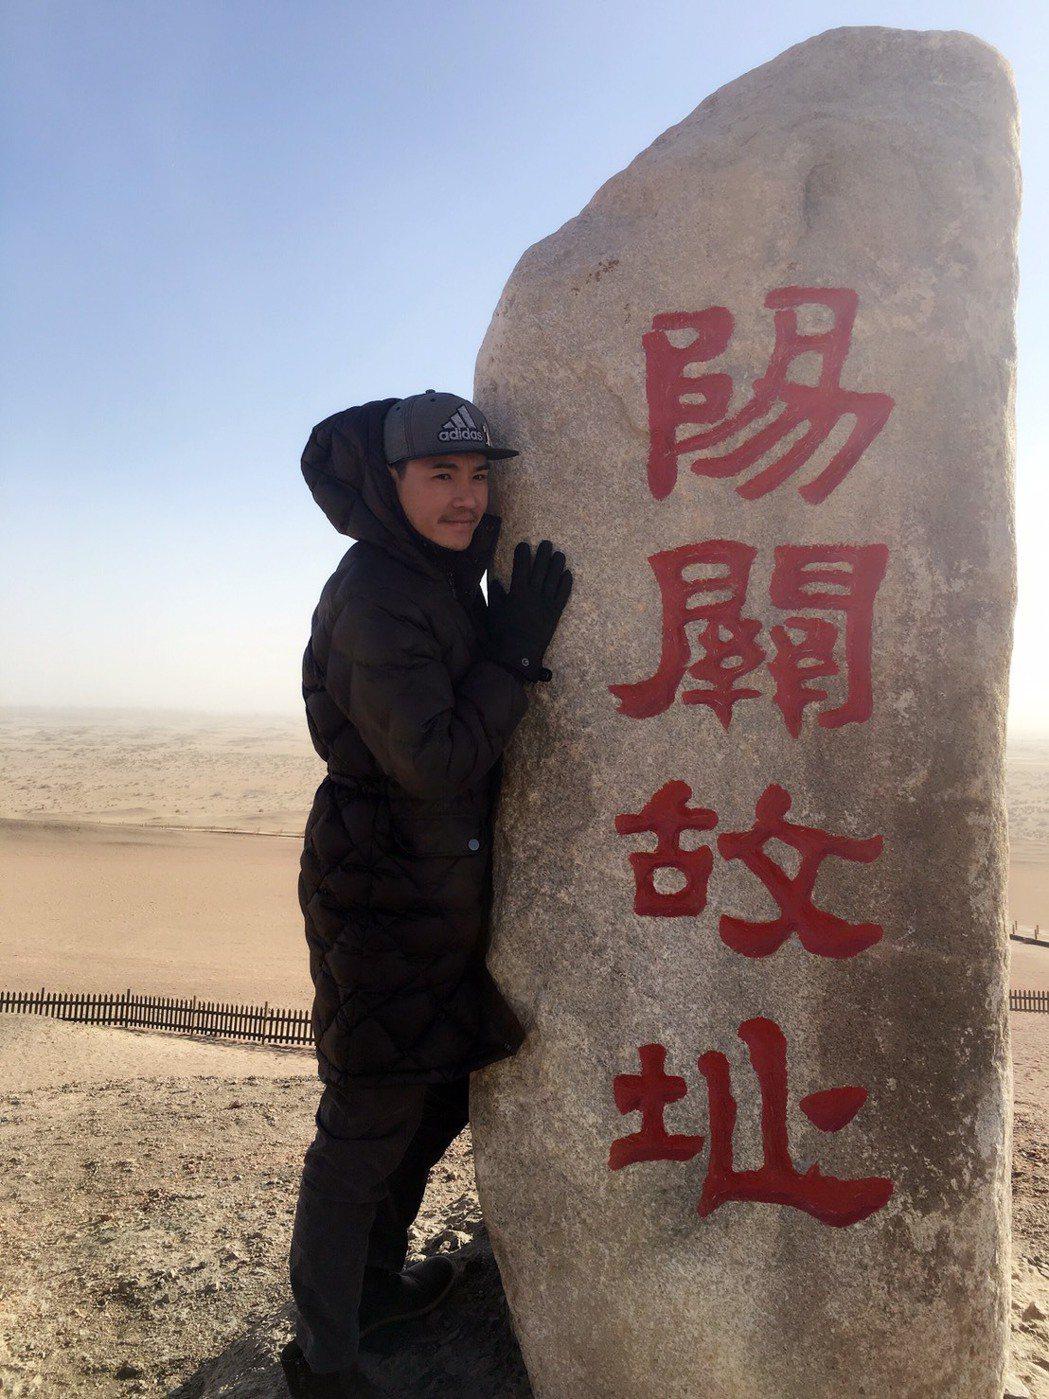 王傳一赴敦煌拍攝古裝戲「東宮」,拍攝空檔造訪歷史古蹟。圖/嚞娛樂提供